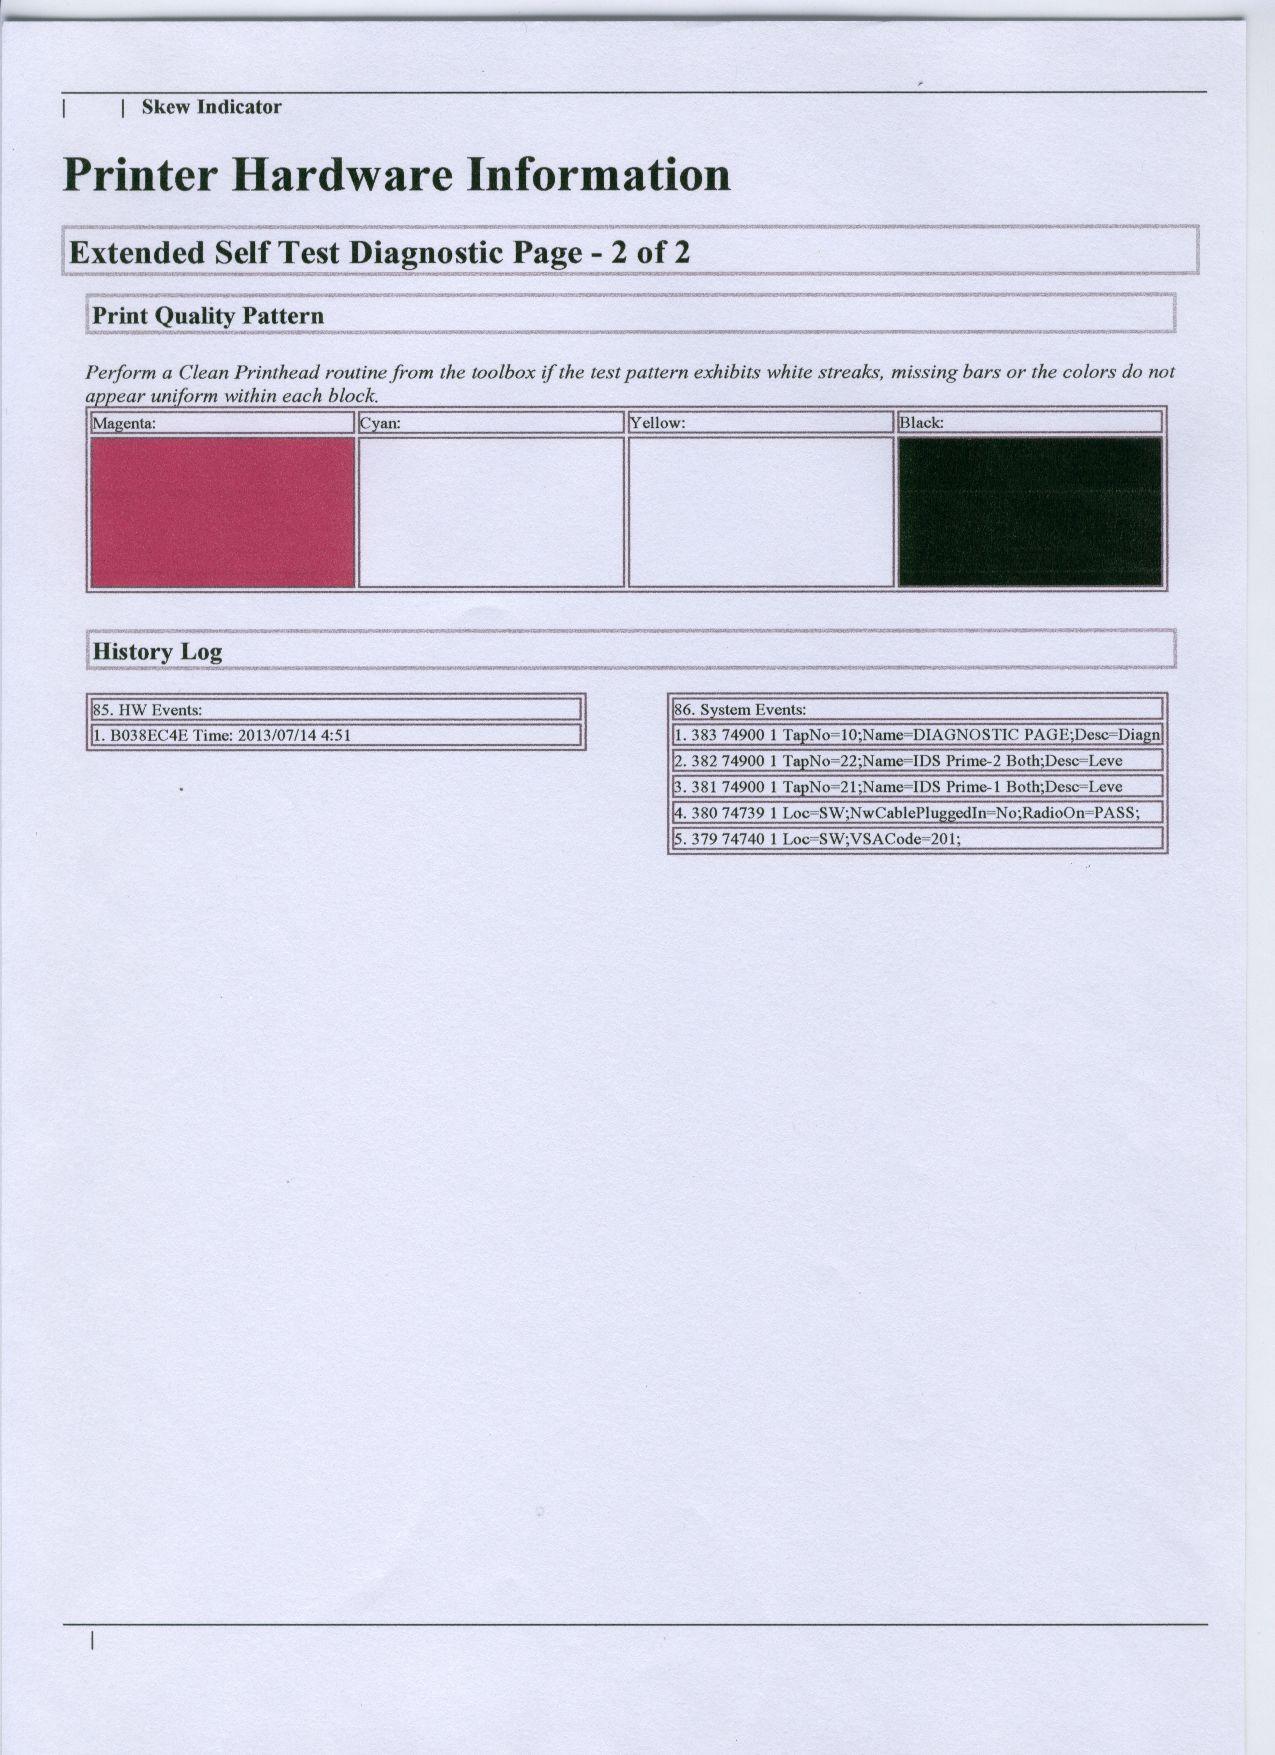 HP D4360 printer - alignment problem? - eehelp com